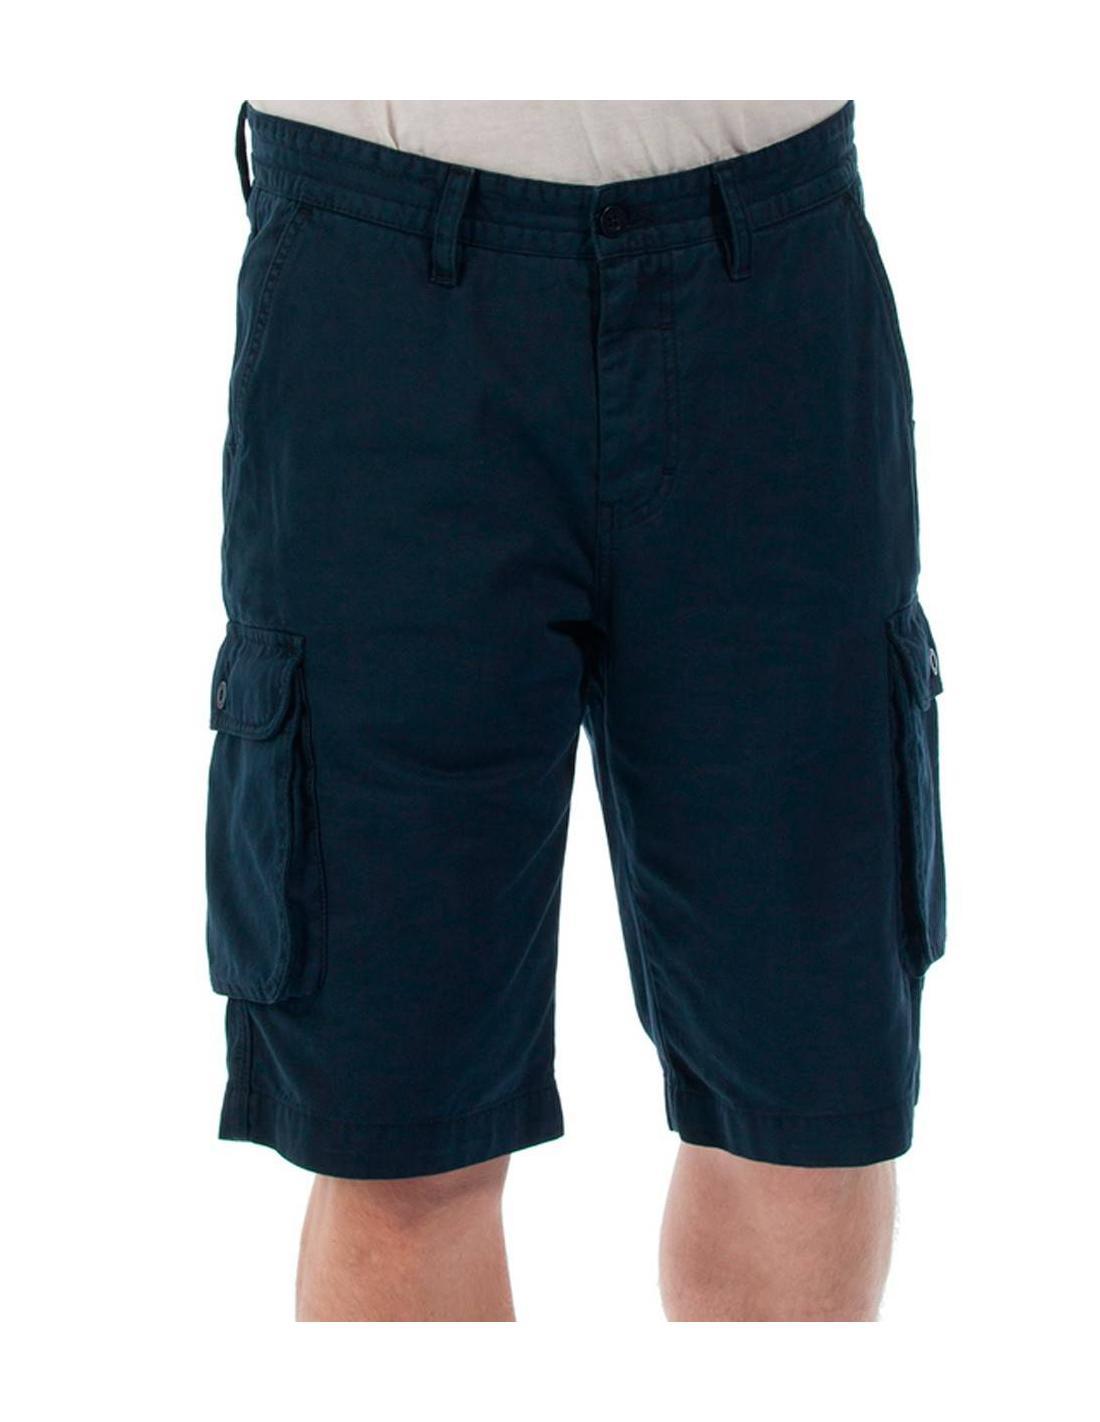 da7473a791 Pantalon Corto Bench Evade Short Bermuda Navy